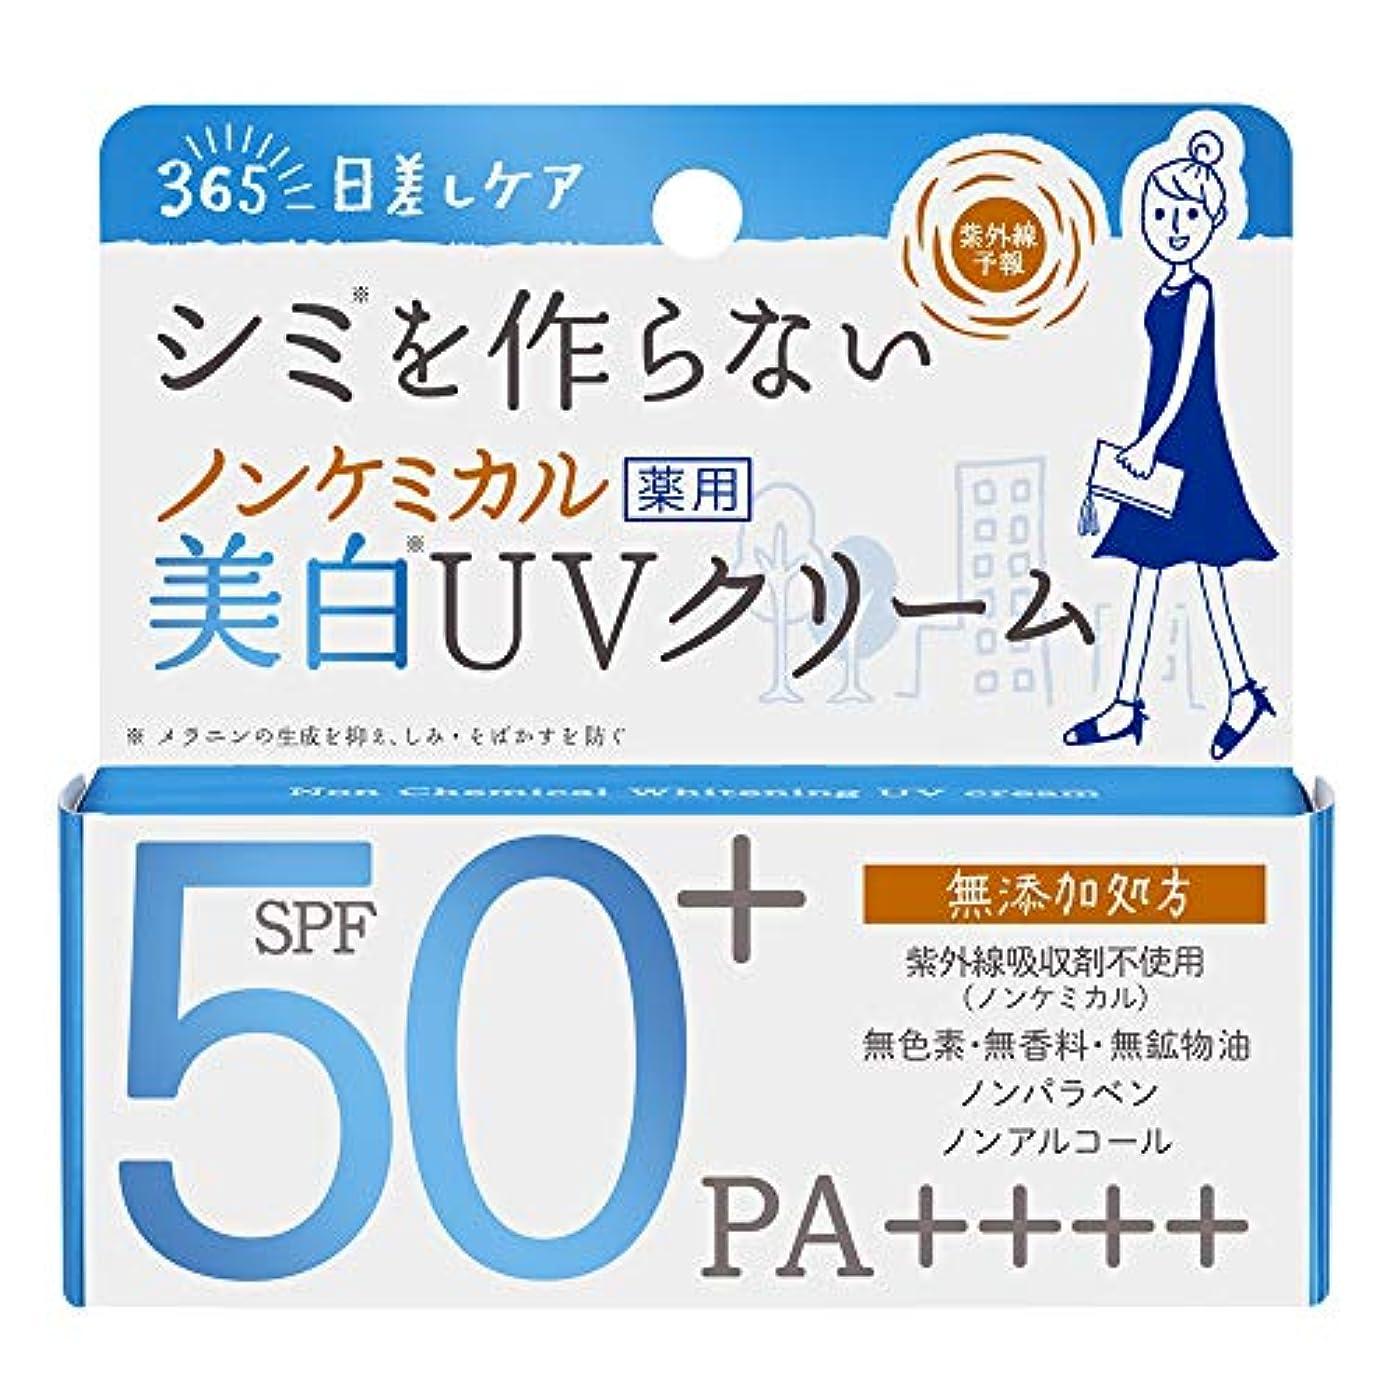 曲がったまたね幼児紫外線予報 ノンケミカル薬用美白UVクリーム 40g